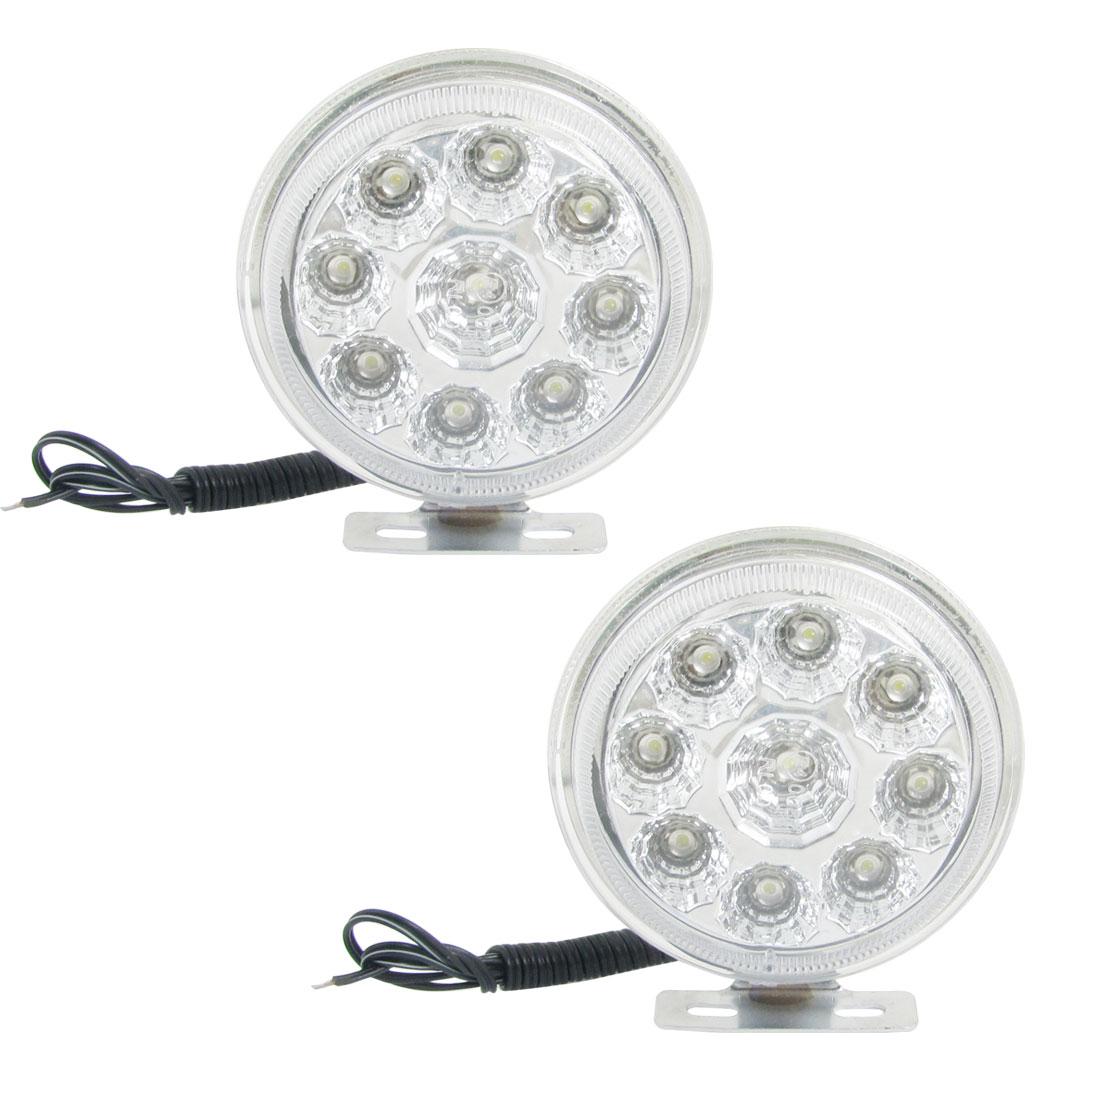 Unique Bargains 2 x Car 2 x 0.96W White 9 LED Round Daytime Running Light 12V